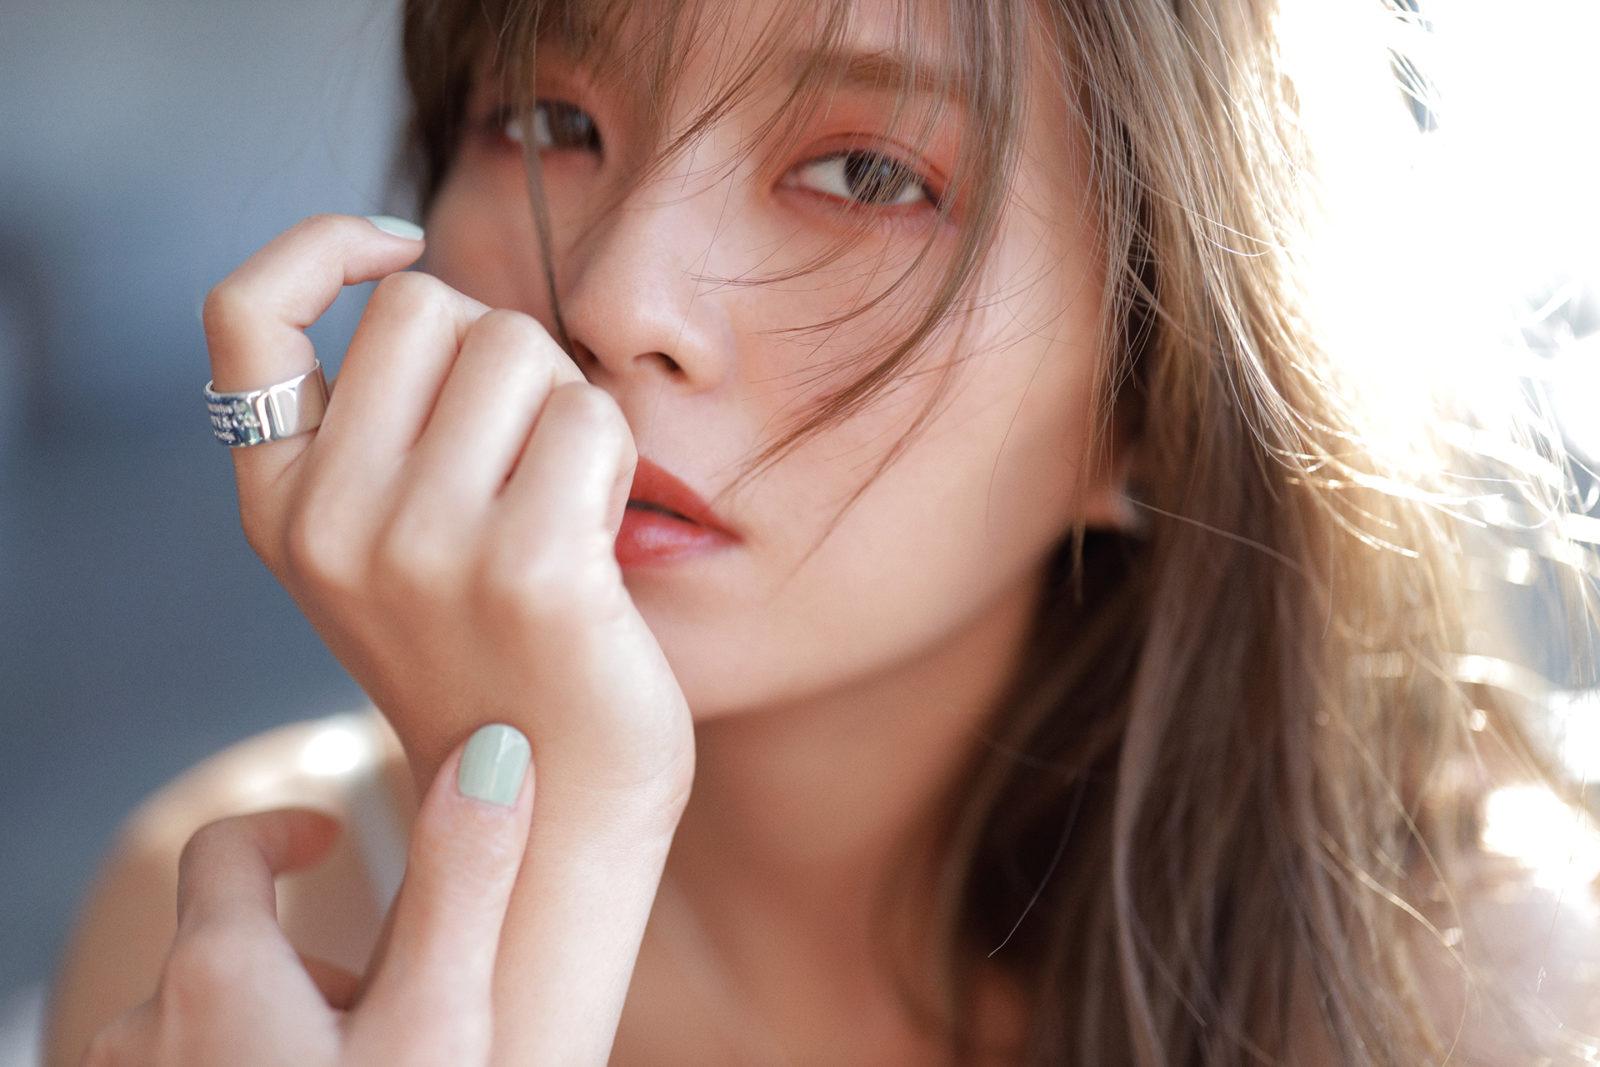 AAA宇野実彩子、透明感&目ヂカラあふれる美麗ショットを公開サムネイル画像